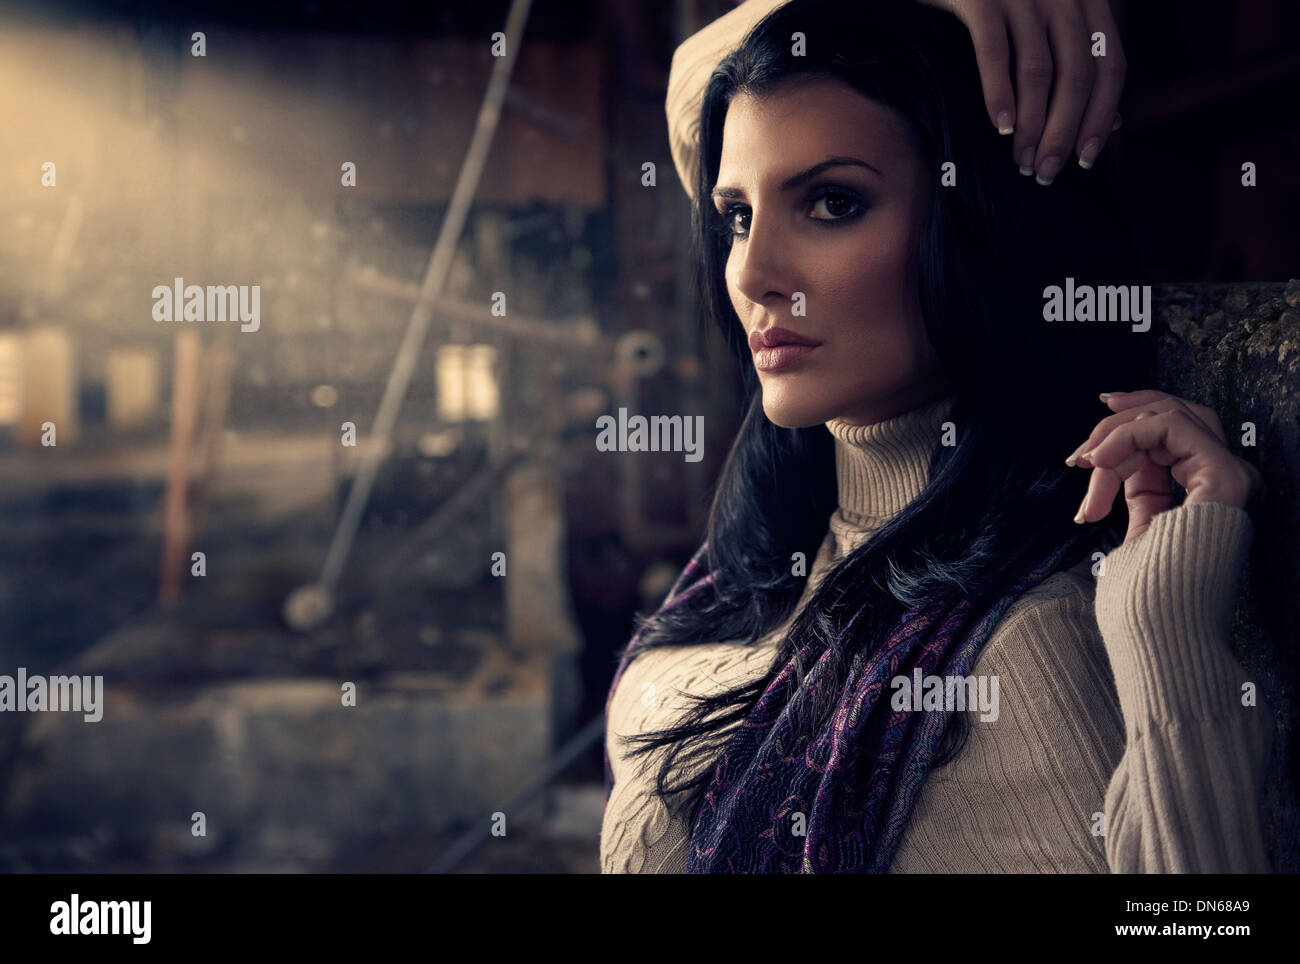 Fashion portrait de femme en entrepôt désaffecté avec faisceau de lumière Photo Stock